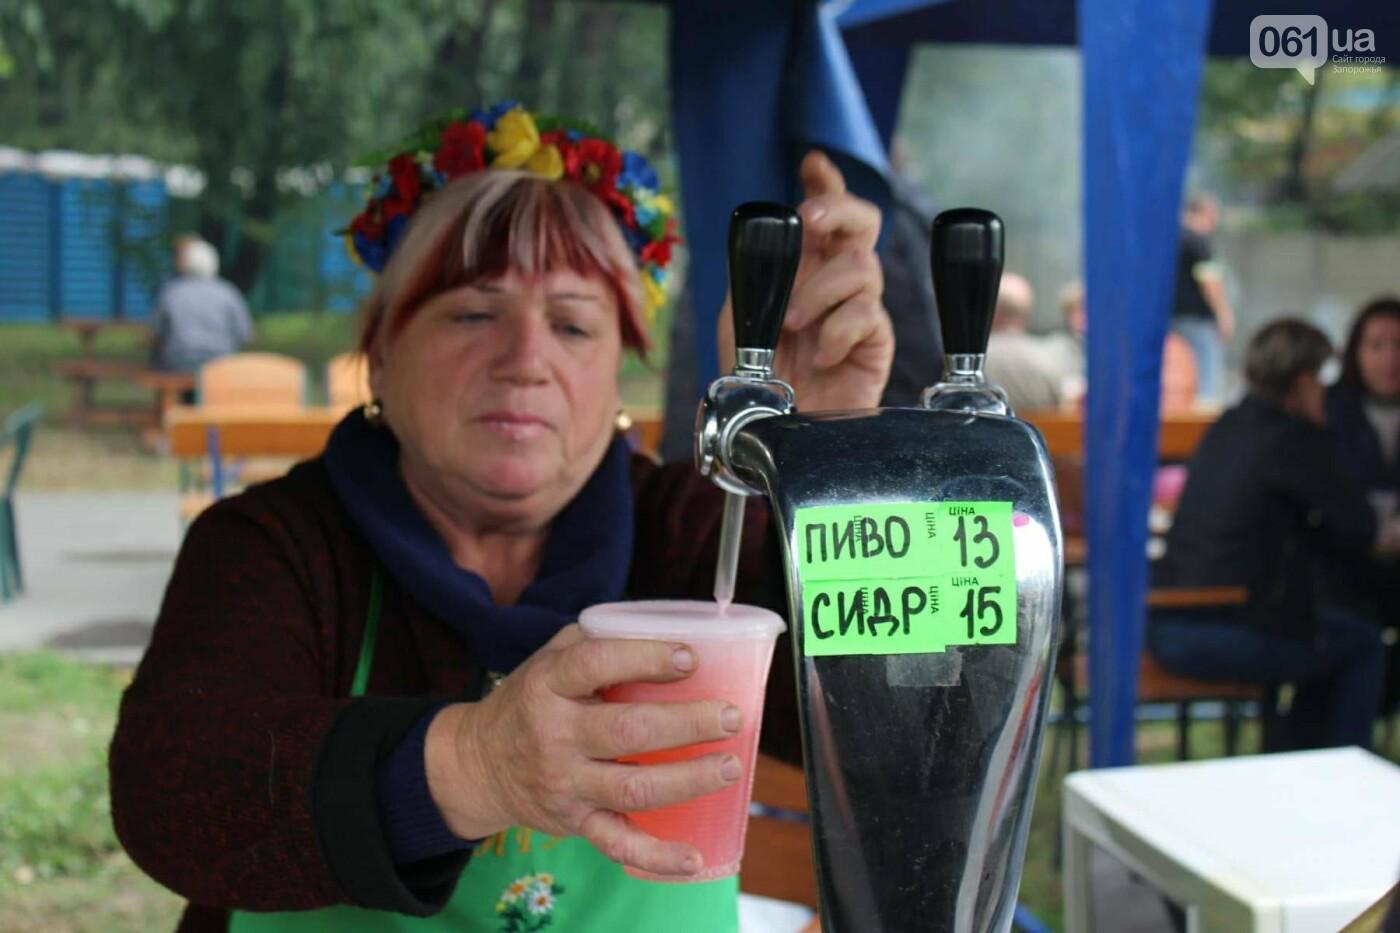 На Покровской ярмарке, несмотря на запрет, с самого утра продают алкоголь, - ФОТО, фото-2